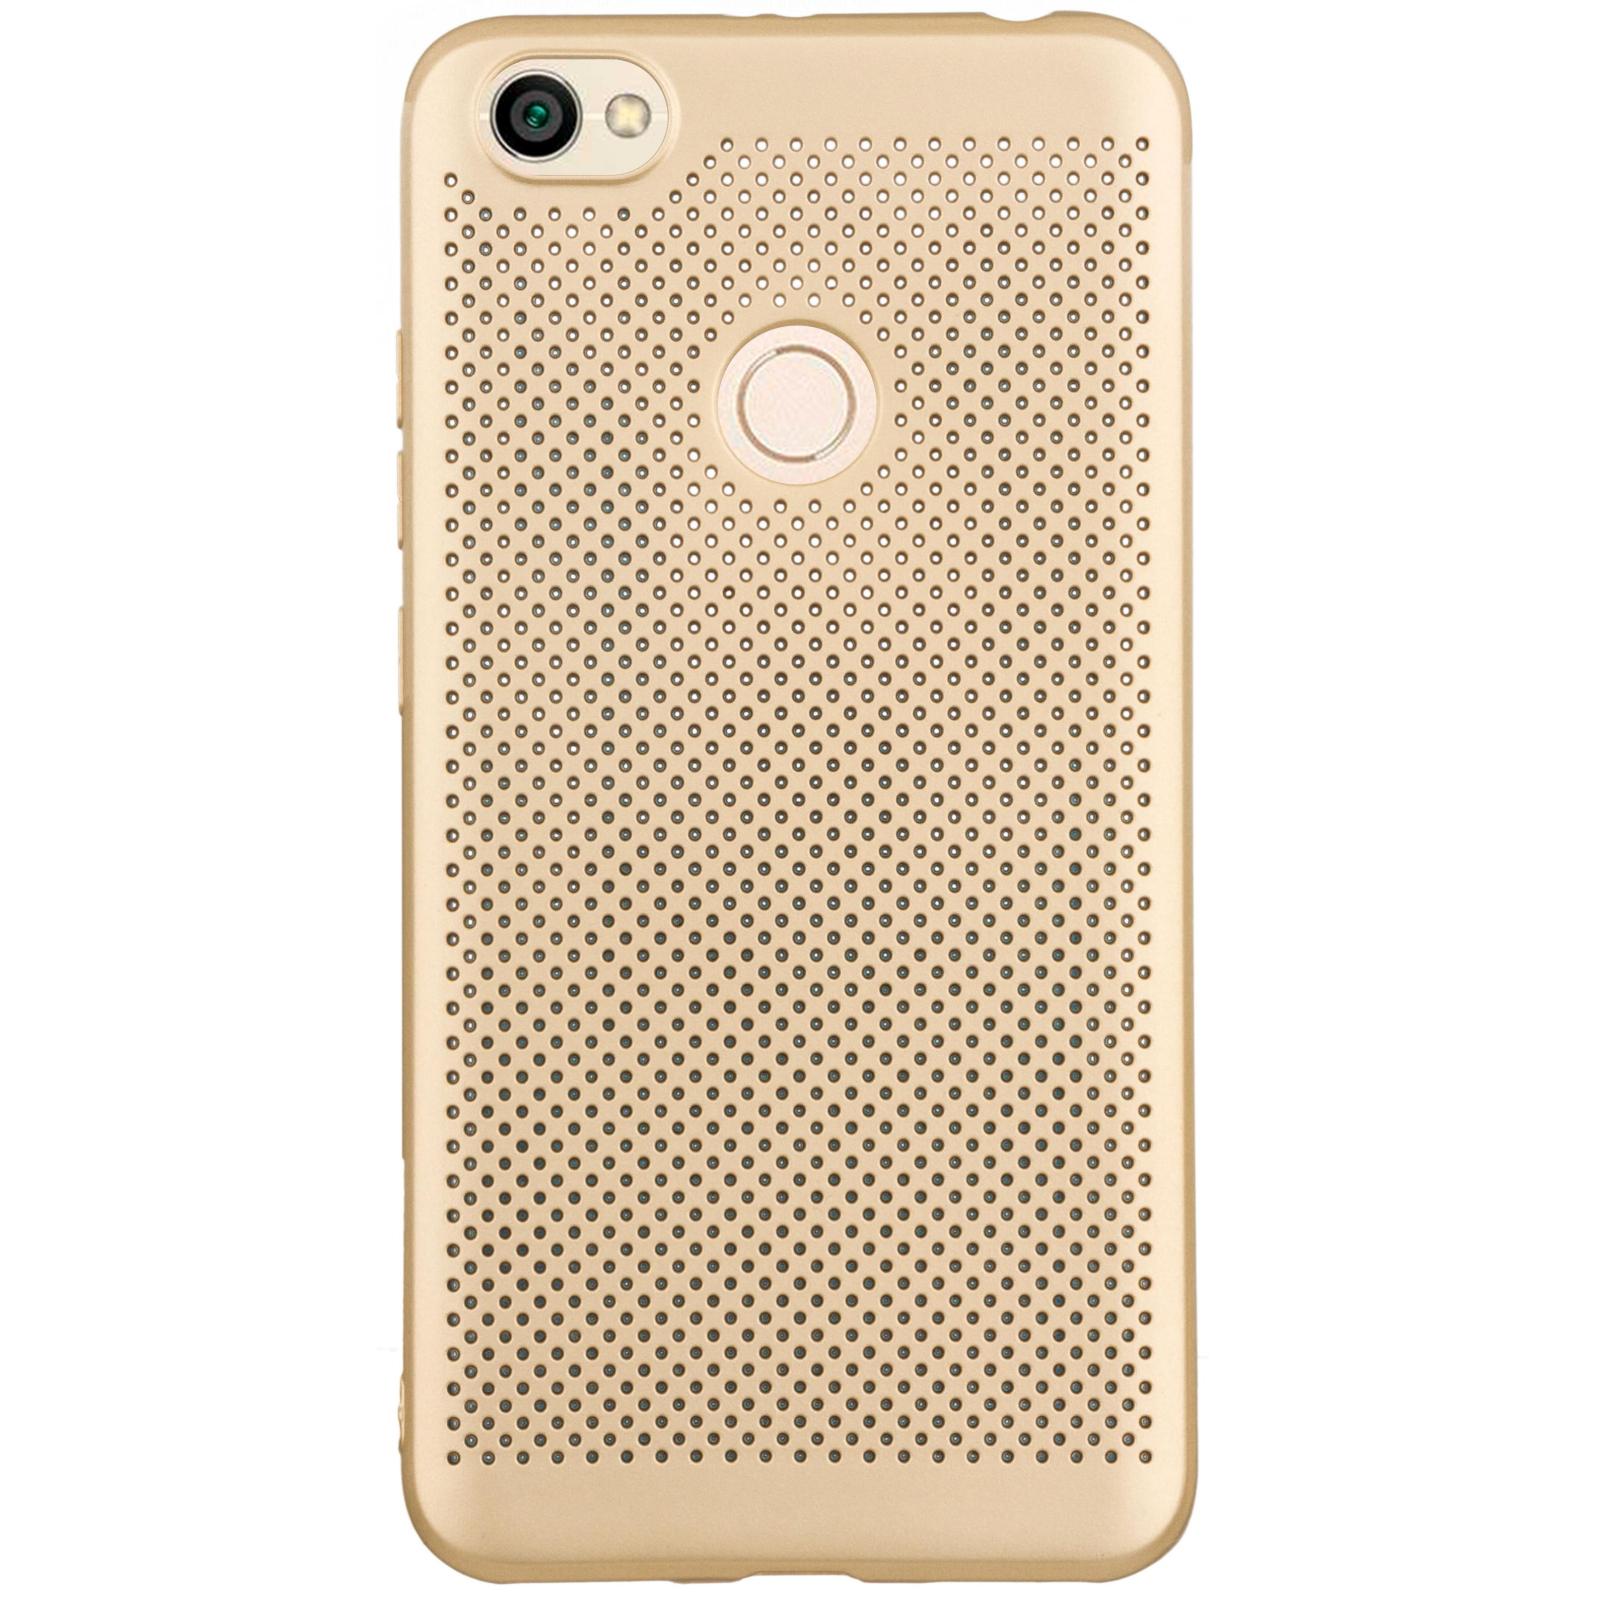 Чехол для моб. телефона MakeFuture TPU/Moon Case для Xiaomi Redmi Note 5A Prime Gold (MCM-XRN5APGD)